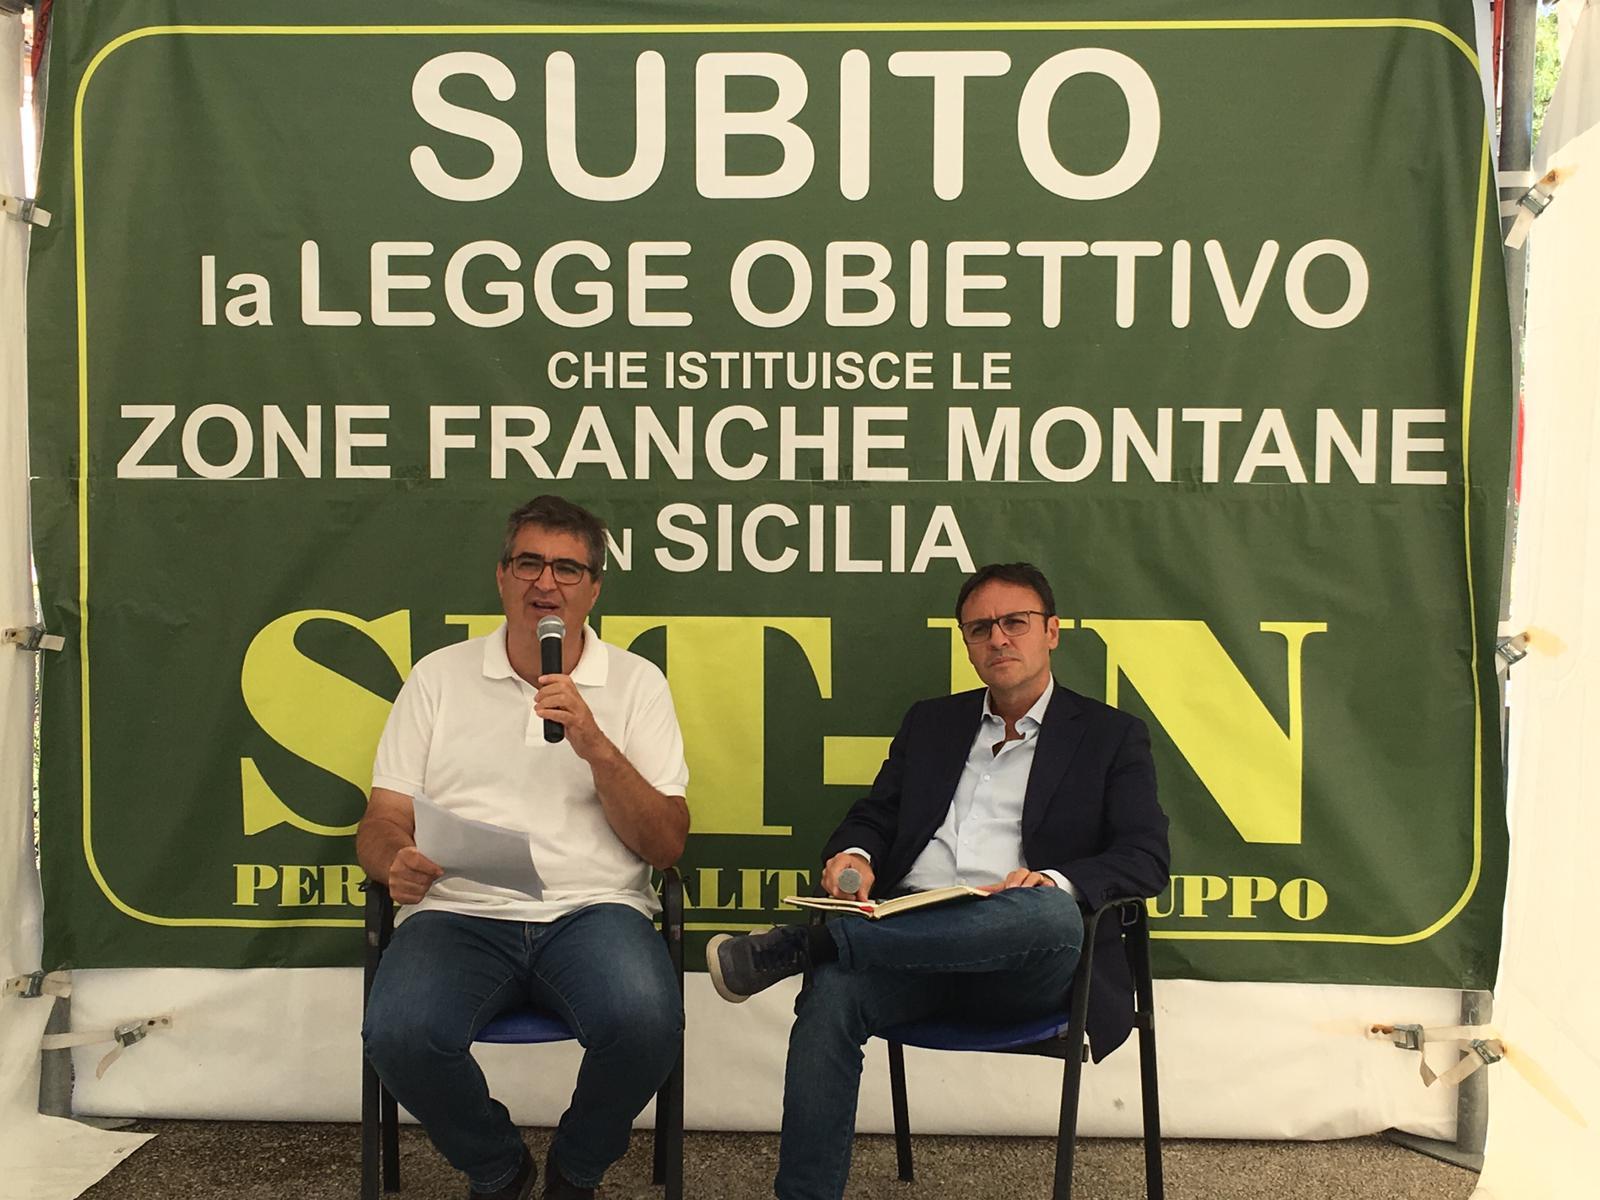 Castellana Sicula, Zone Franche Montane: «La legge obiettivo sarebbe una rivoluzione per un quarto del territorio siciliano»  L'onorevole Ragusa convoca la Commissione Attività produttive